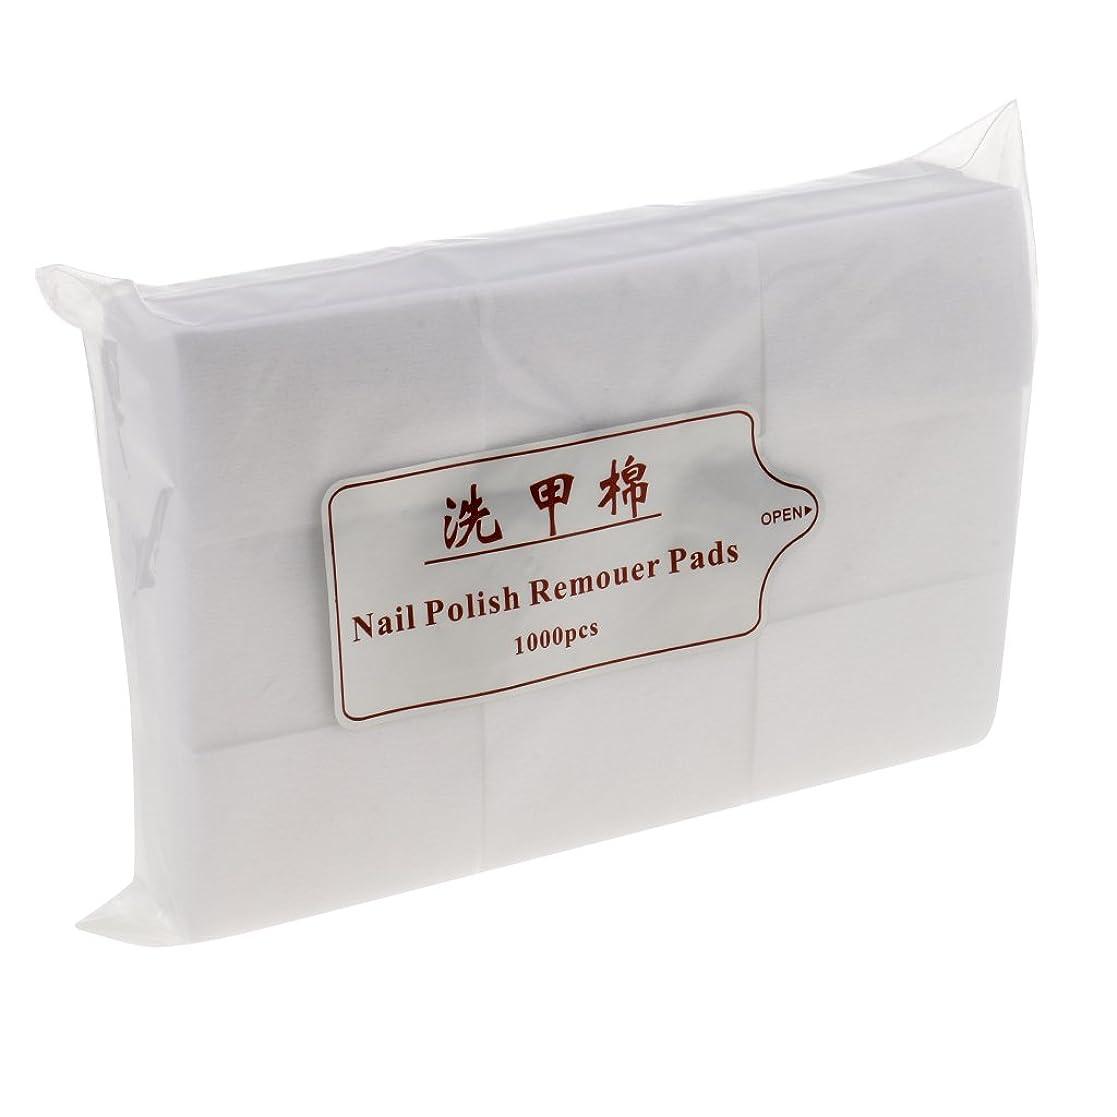 意気込みフルーツリムBlesiya 約1000個 ネイルコットンパッド ネイル パッド ネイルアートチップ パッド紙 吸水性 便利 ネイルサロン